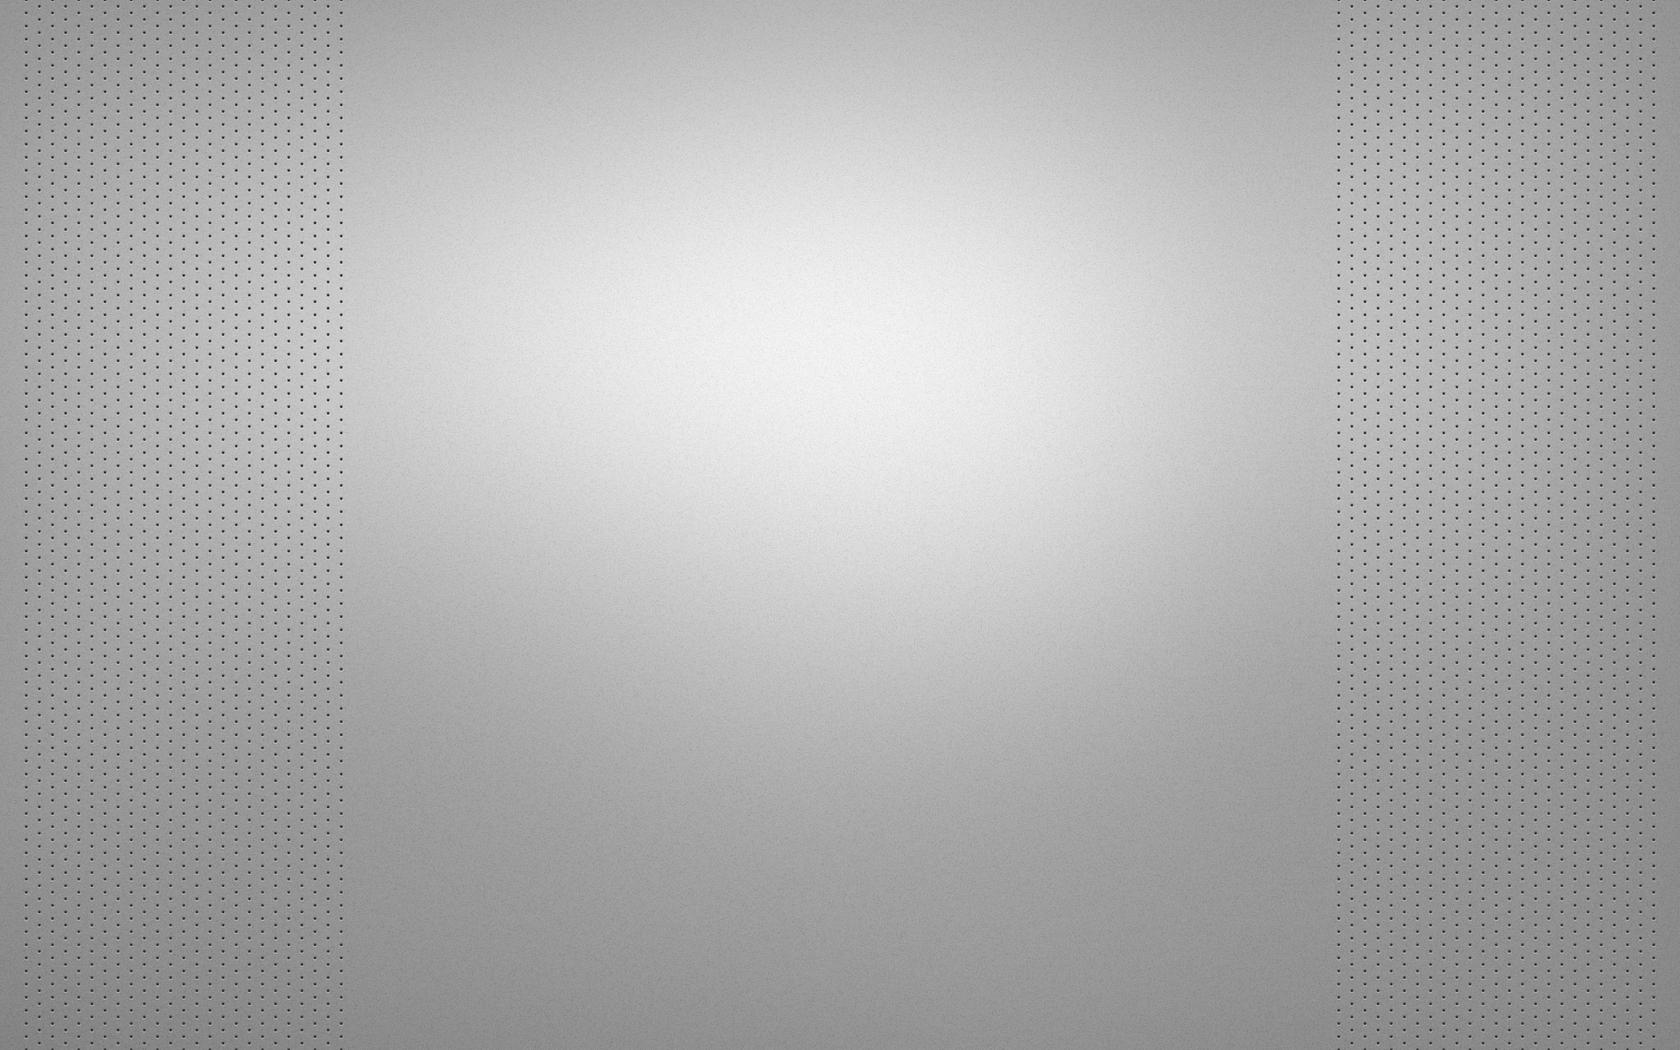 Fondos de pantalla monocromo pared textura circulo - Piso blanco y gris ...